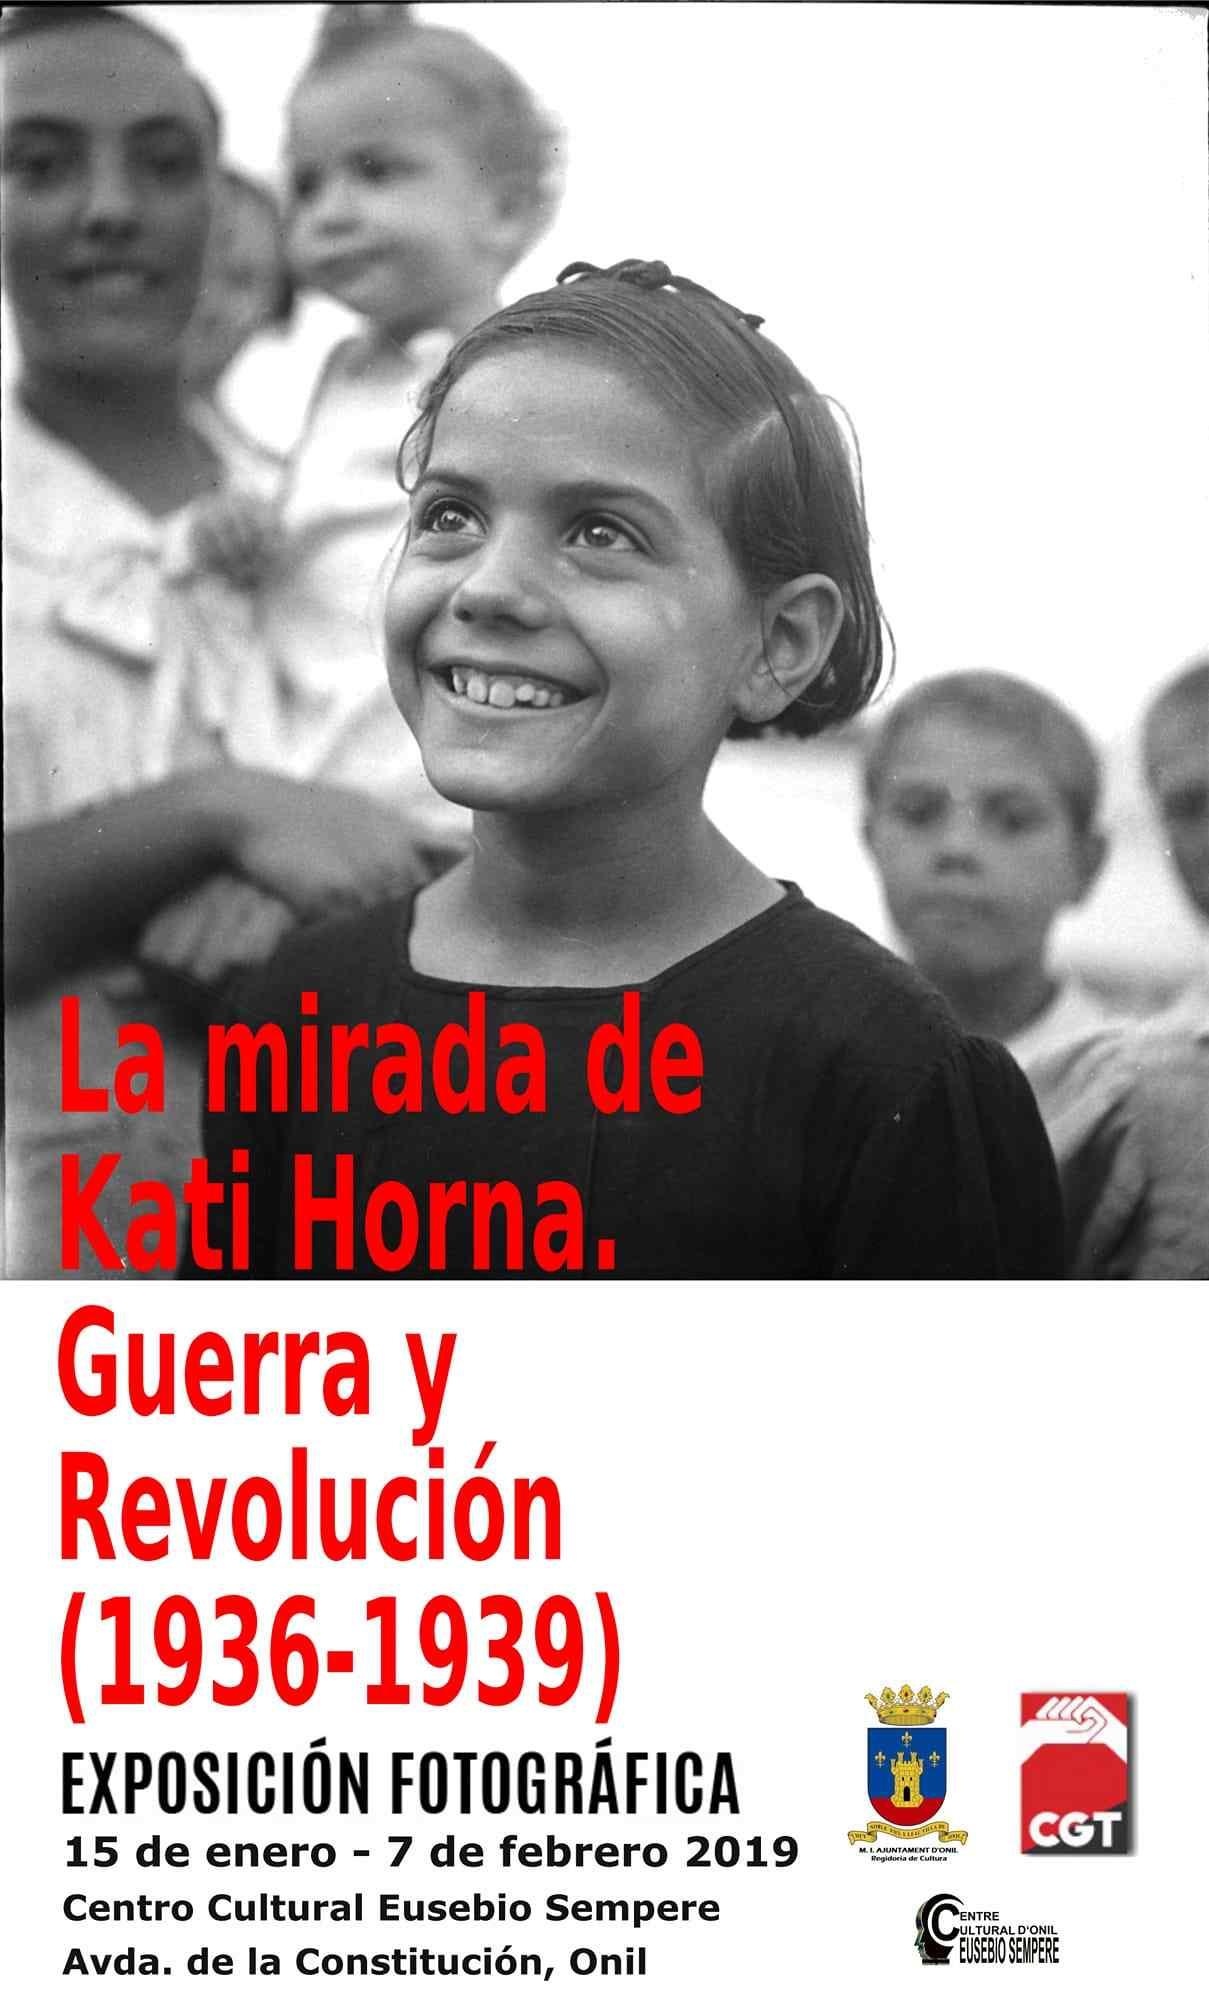 'La mirada de Kati Horna', exposició fotogràfica en Onil organitzada per la CGT